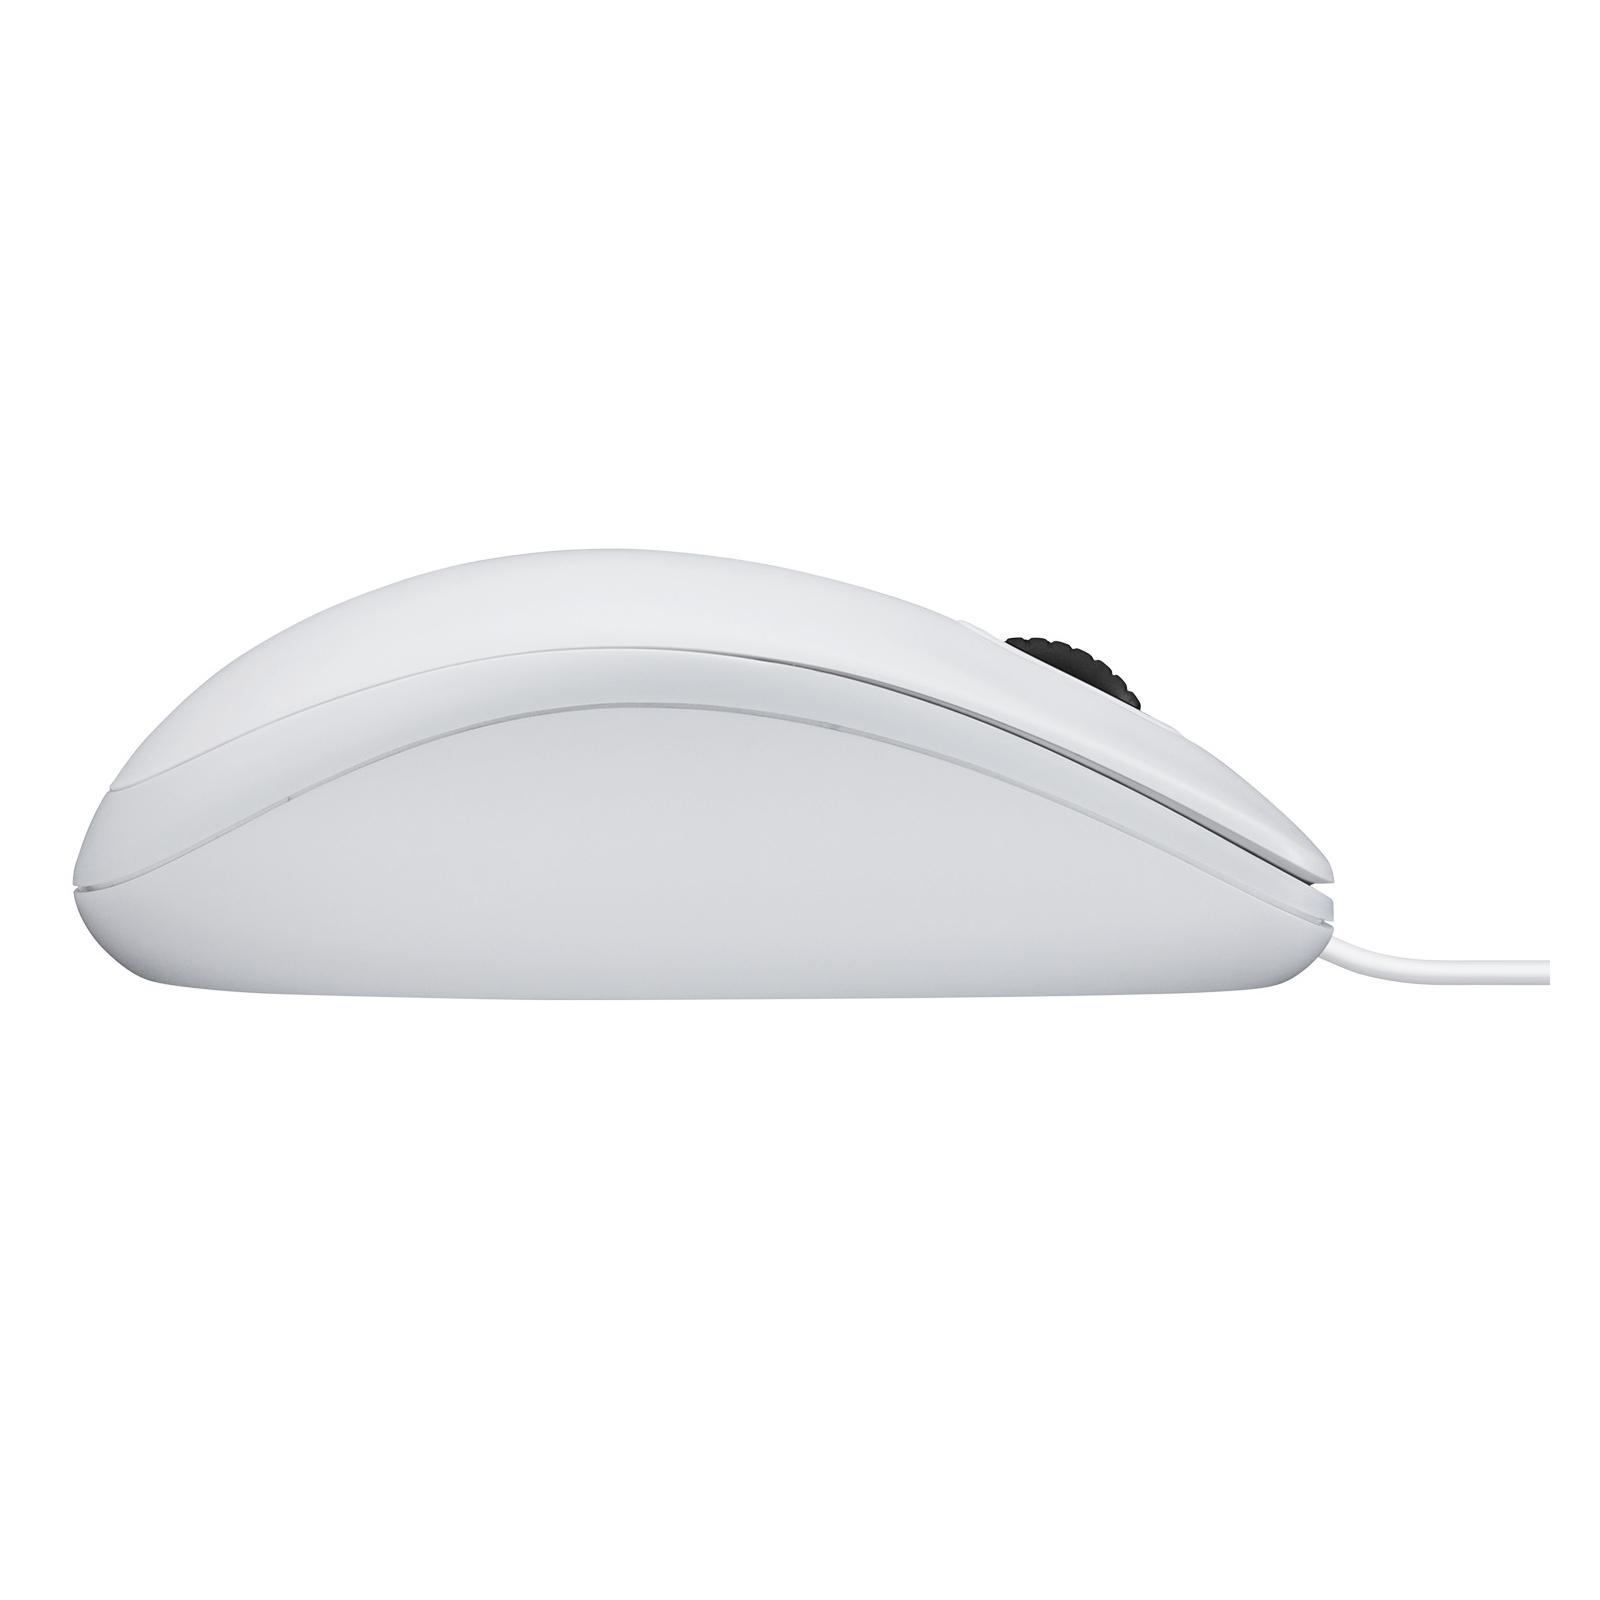 Мышка Logitech B100 (910-003360) изображение 2